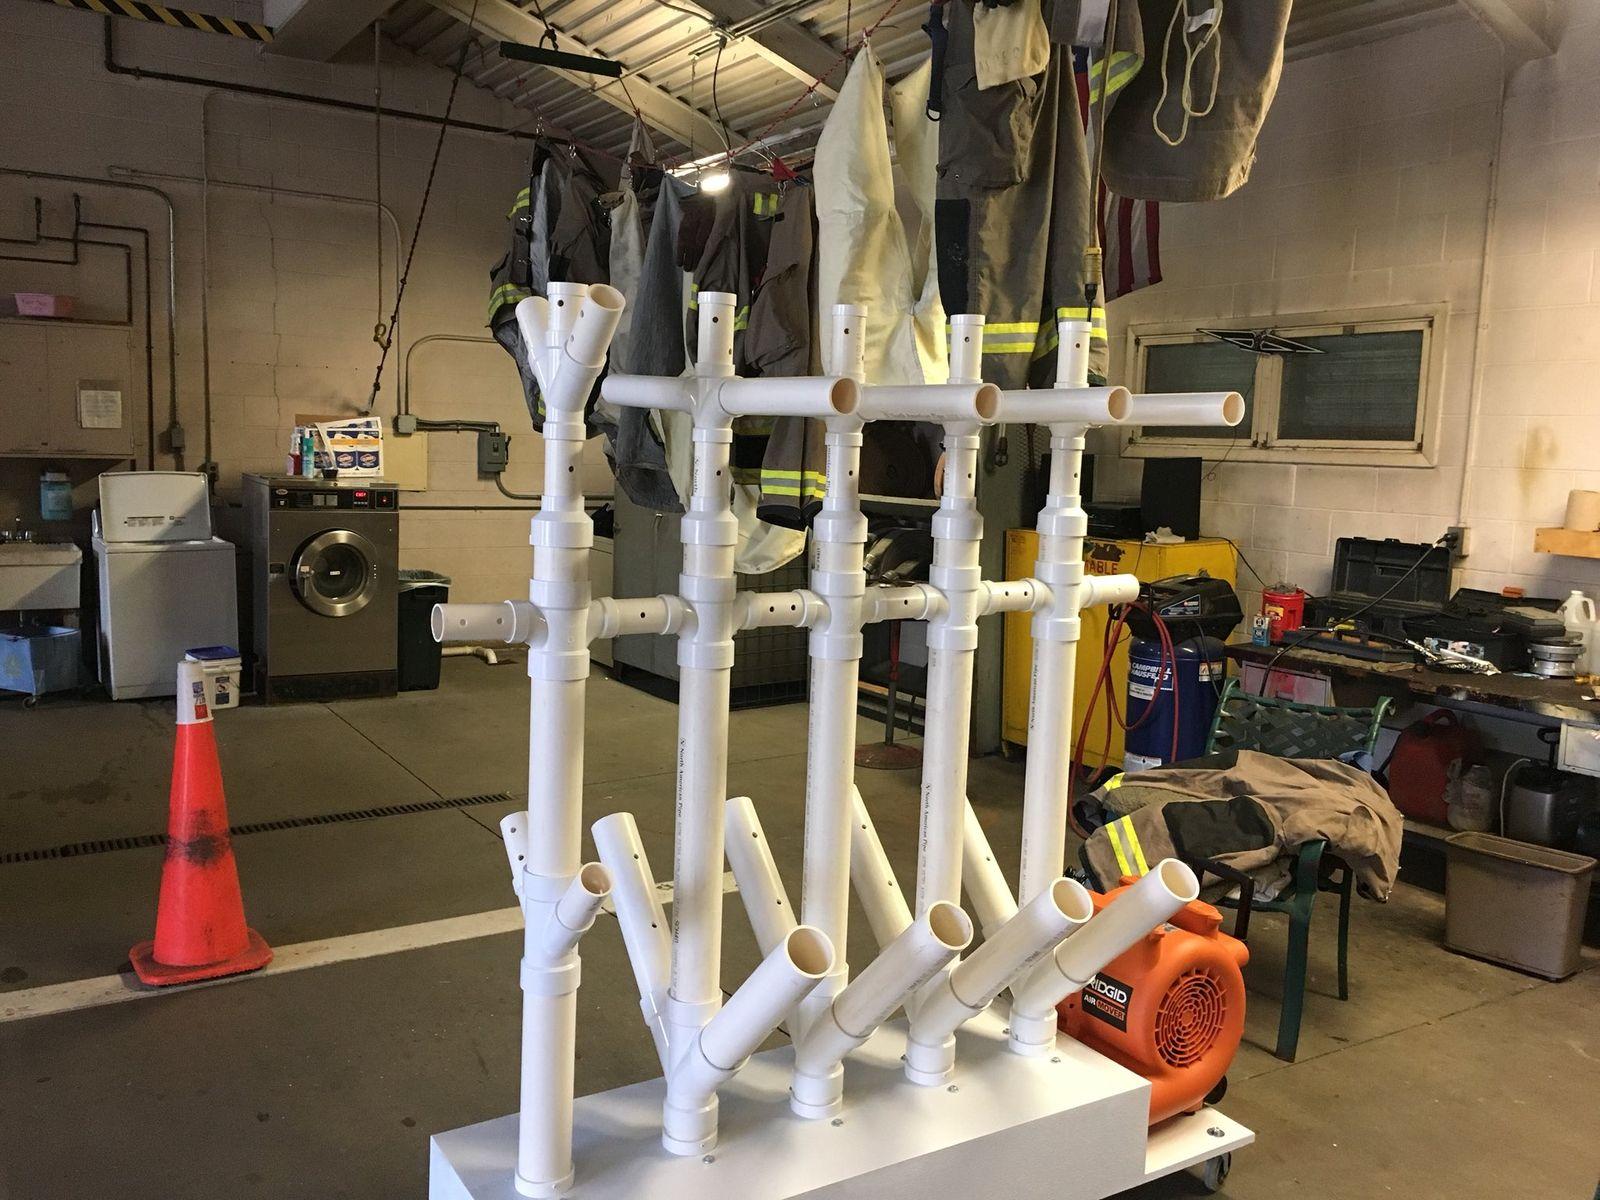 Firefighter develops gear dryer to